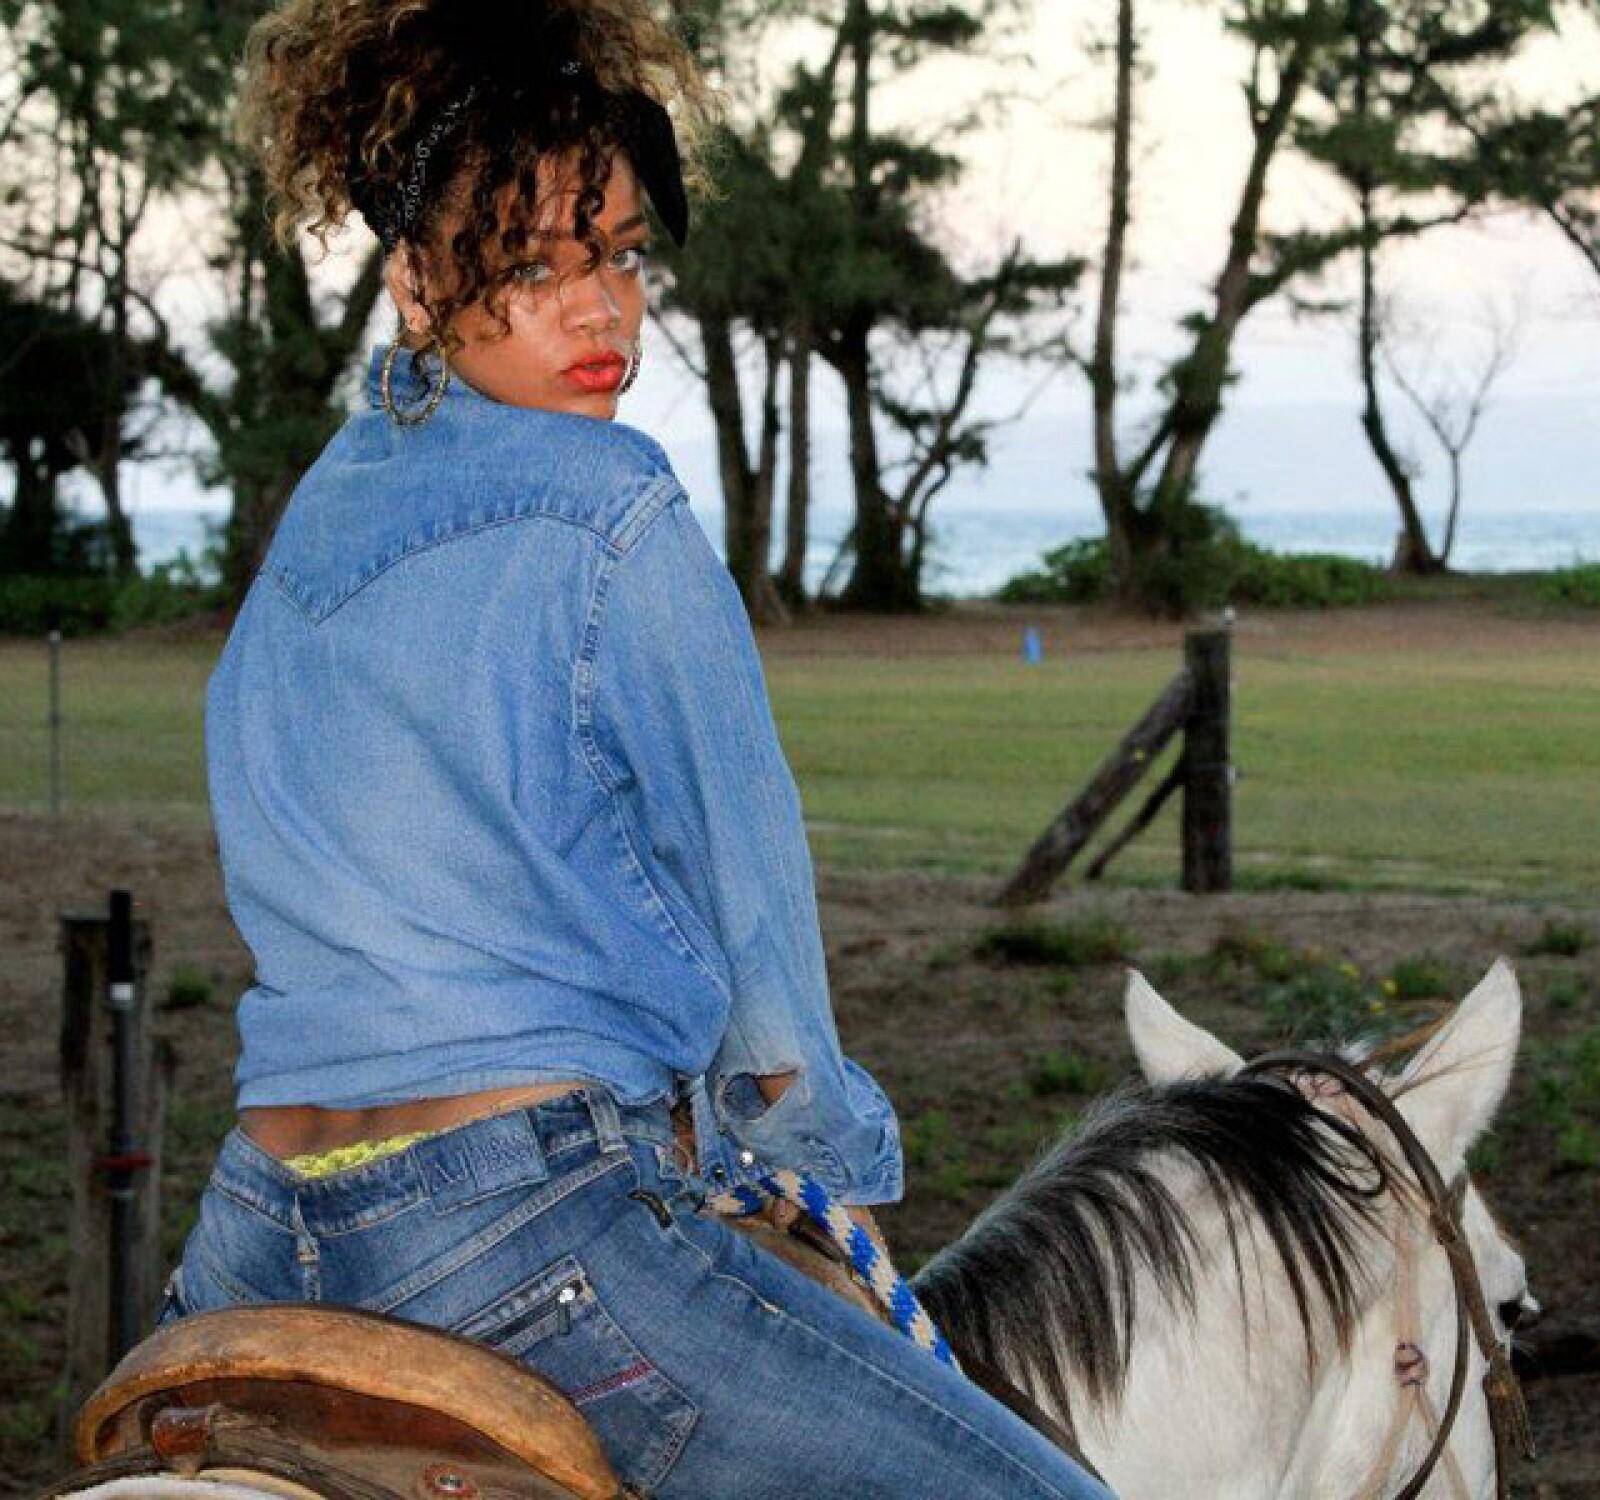 También aprovechó para montar a caballo.